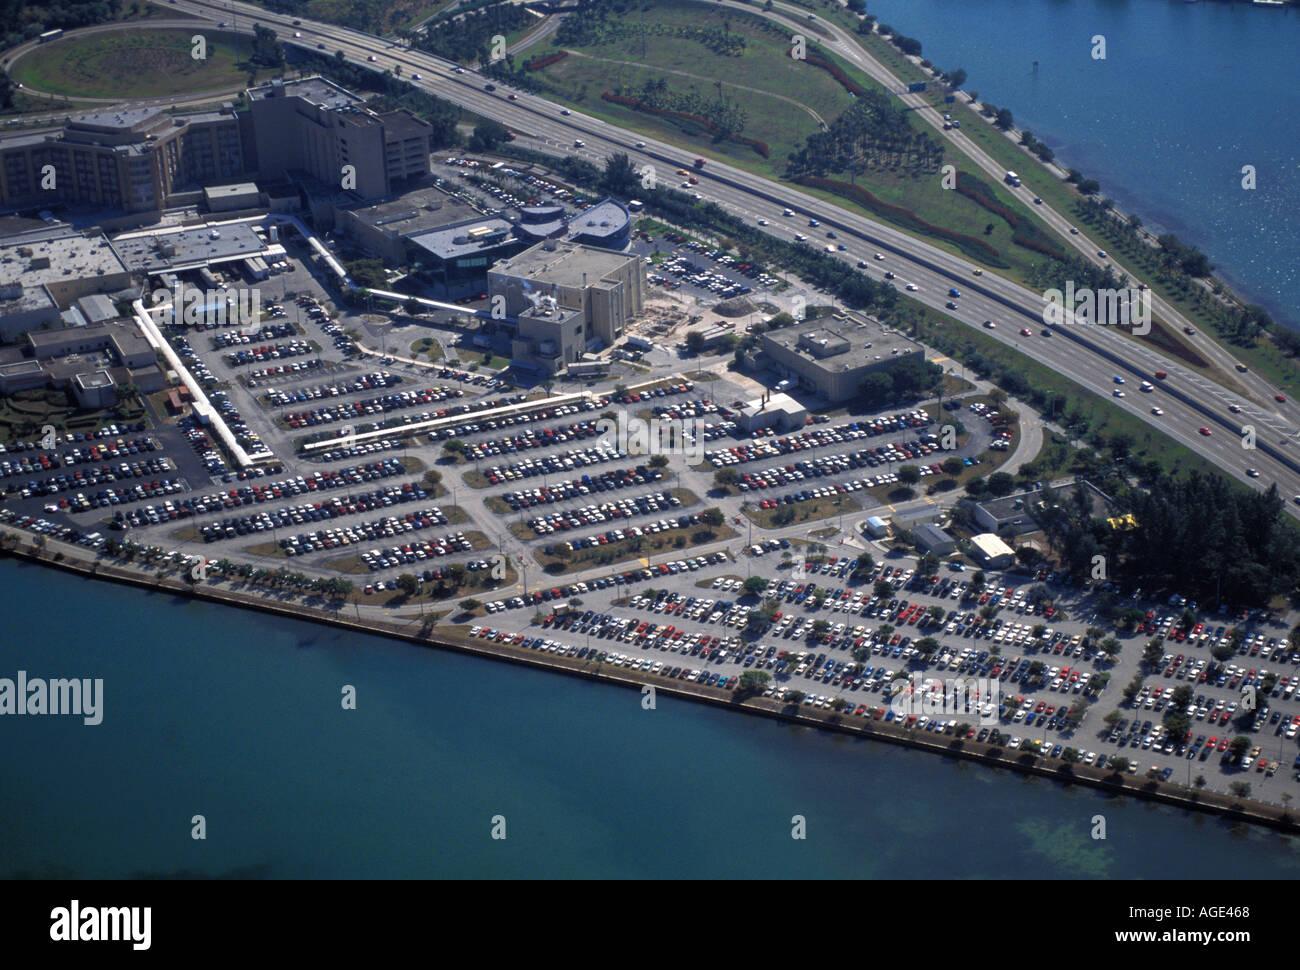 USA FLORIDA MIAMI MT SINAI HOSPITAL Stock Photo: 1107047 - Alamy